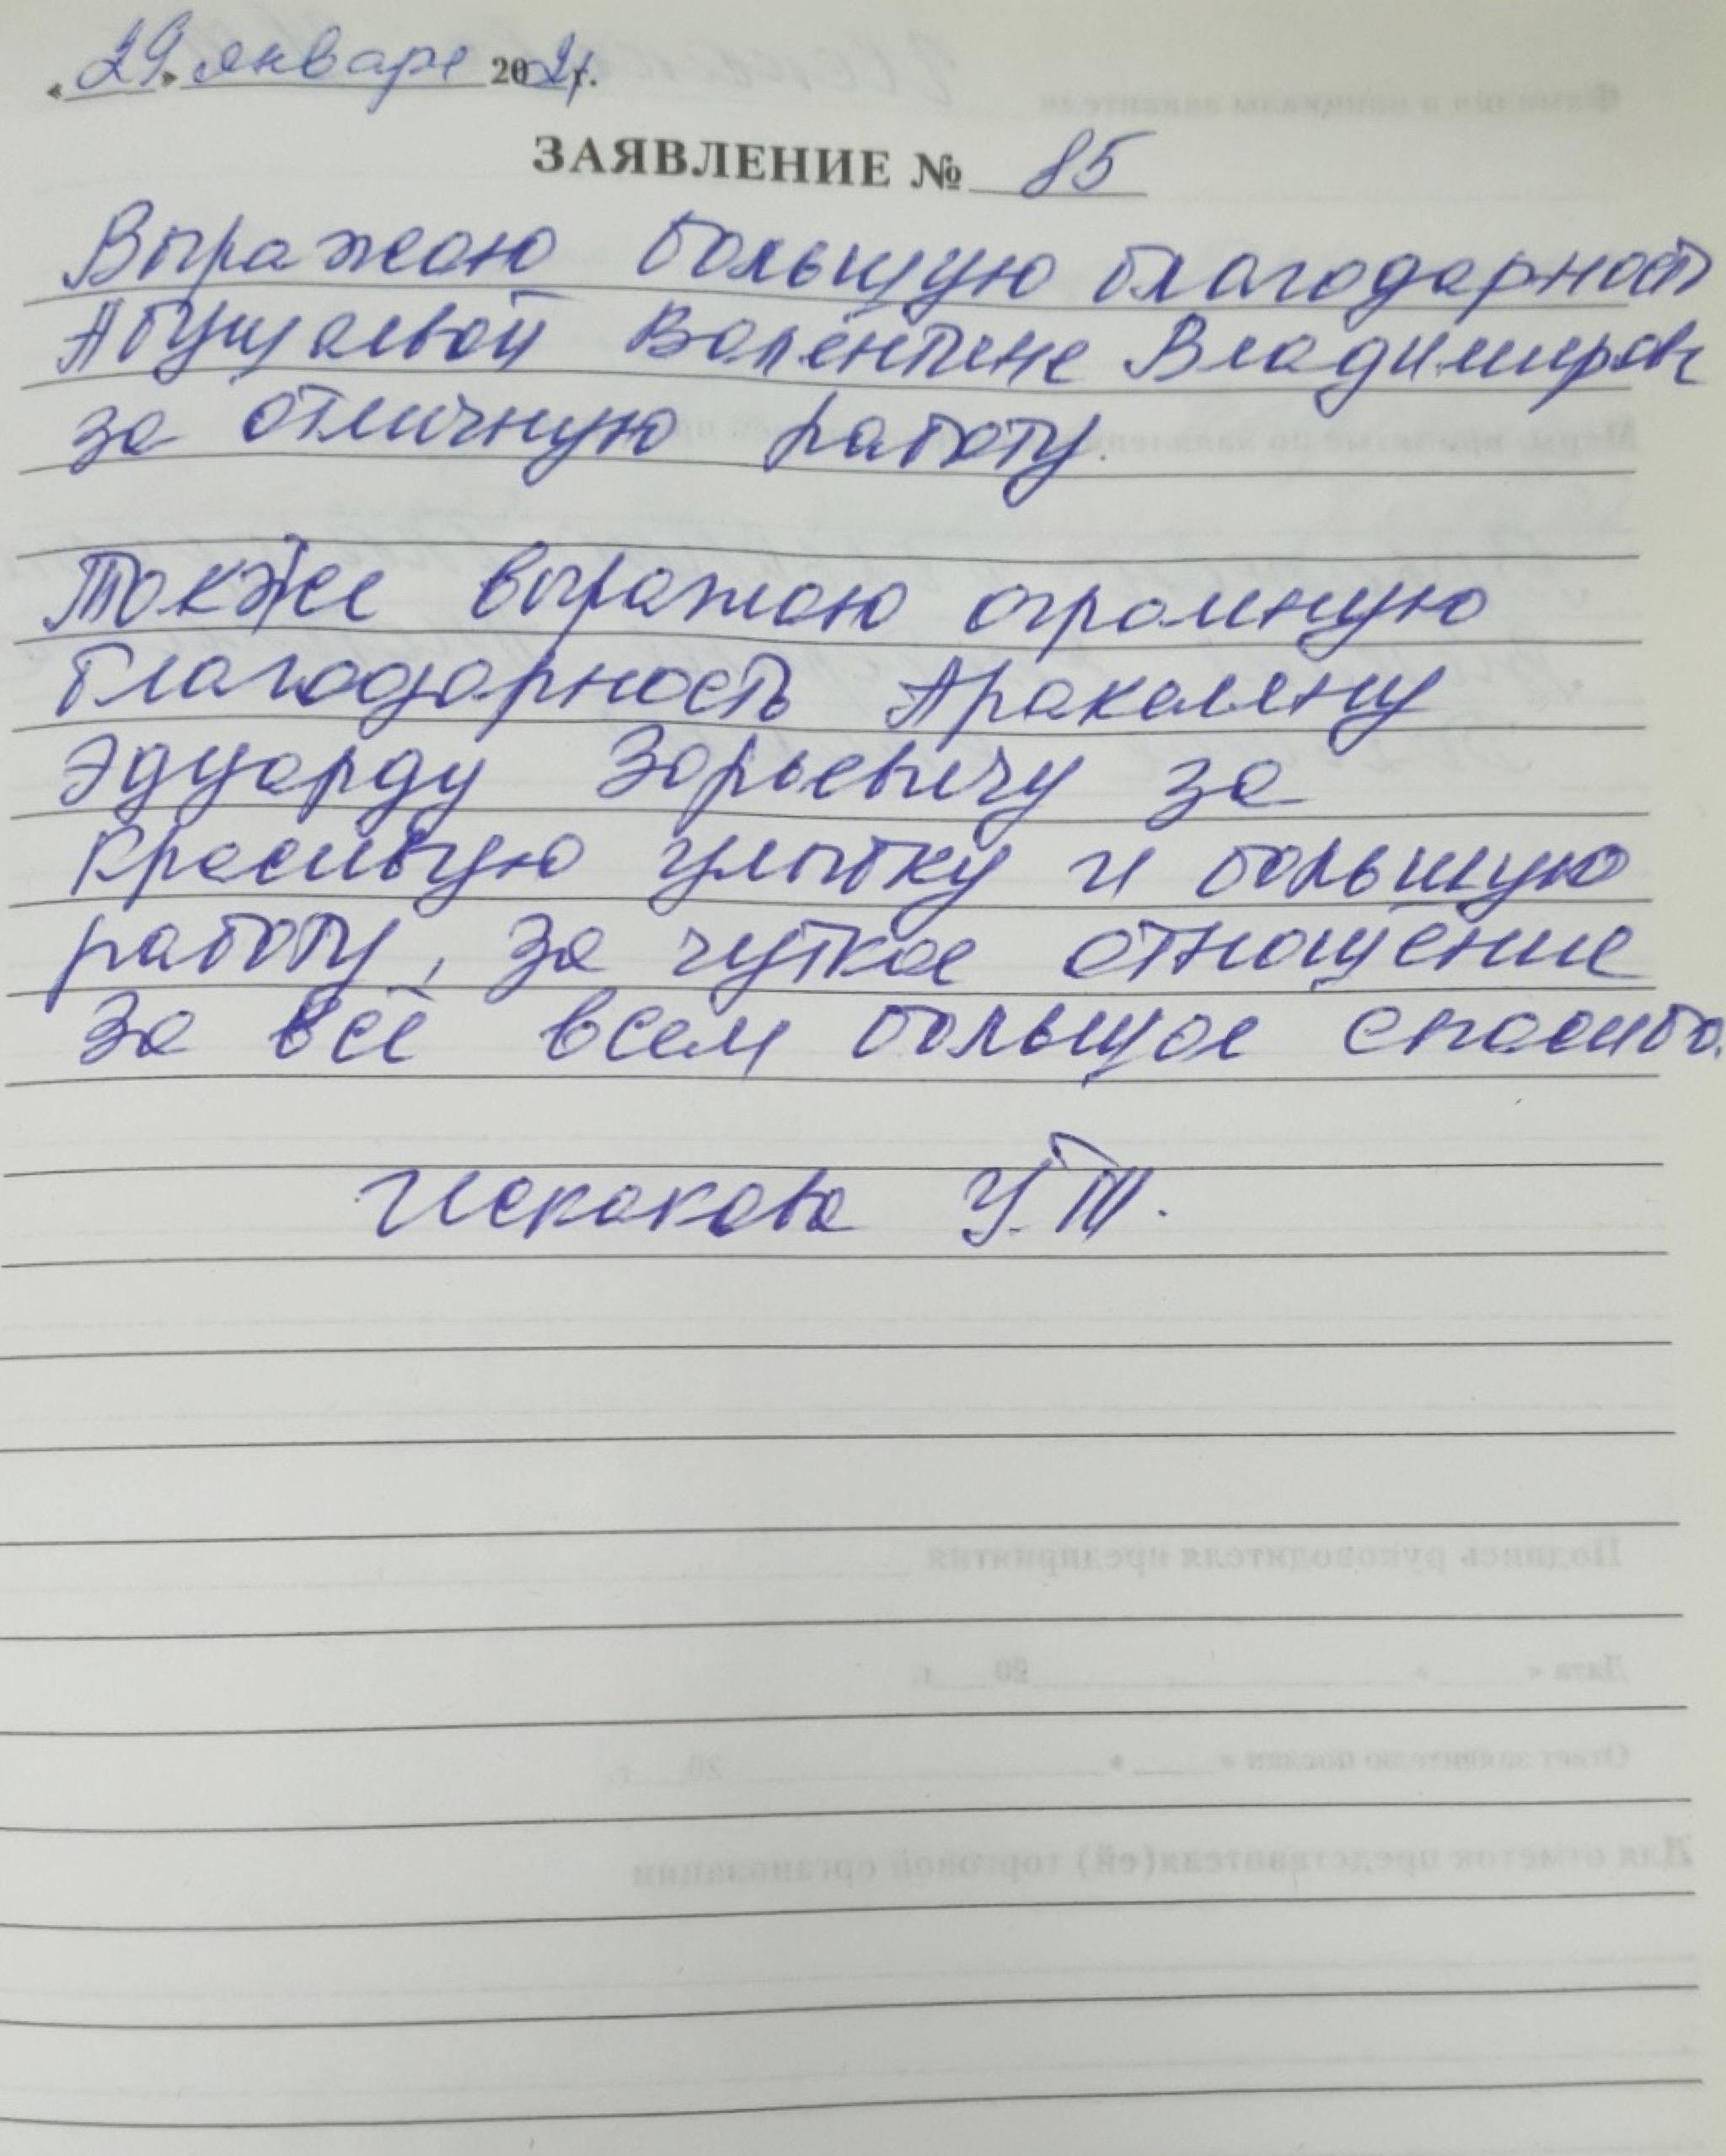 <em>Редактировать Отзыв</em> Улдай Темирбулатовна. Стоматология Фларт